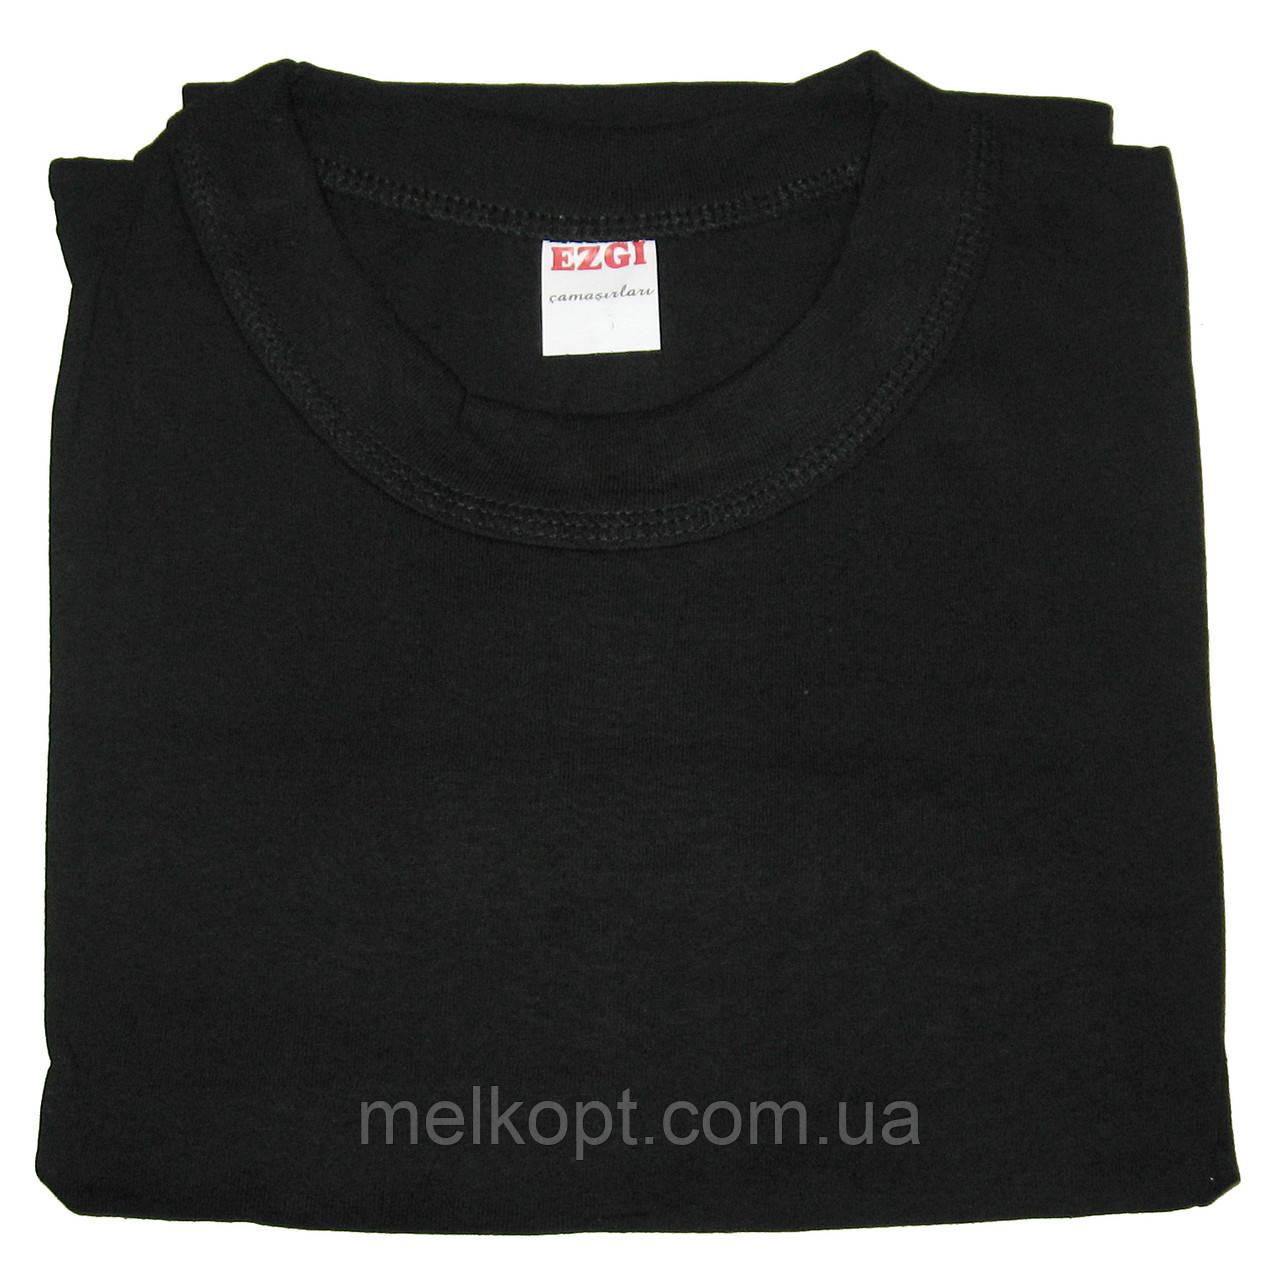 Мужские футболки Ezgi - 51,00 грн./шт. (54-й размер, черные)